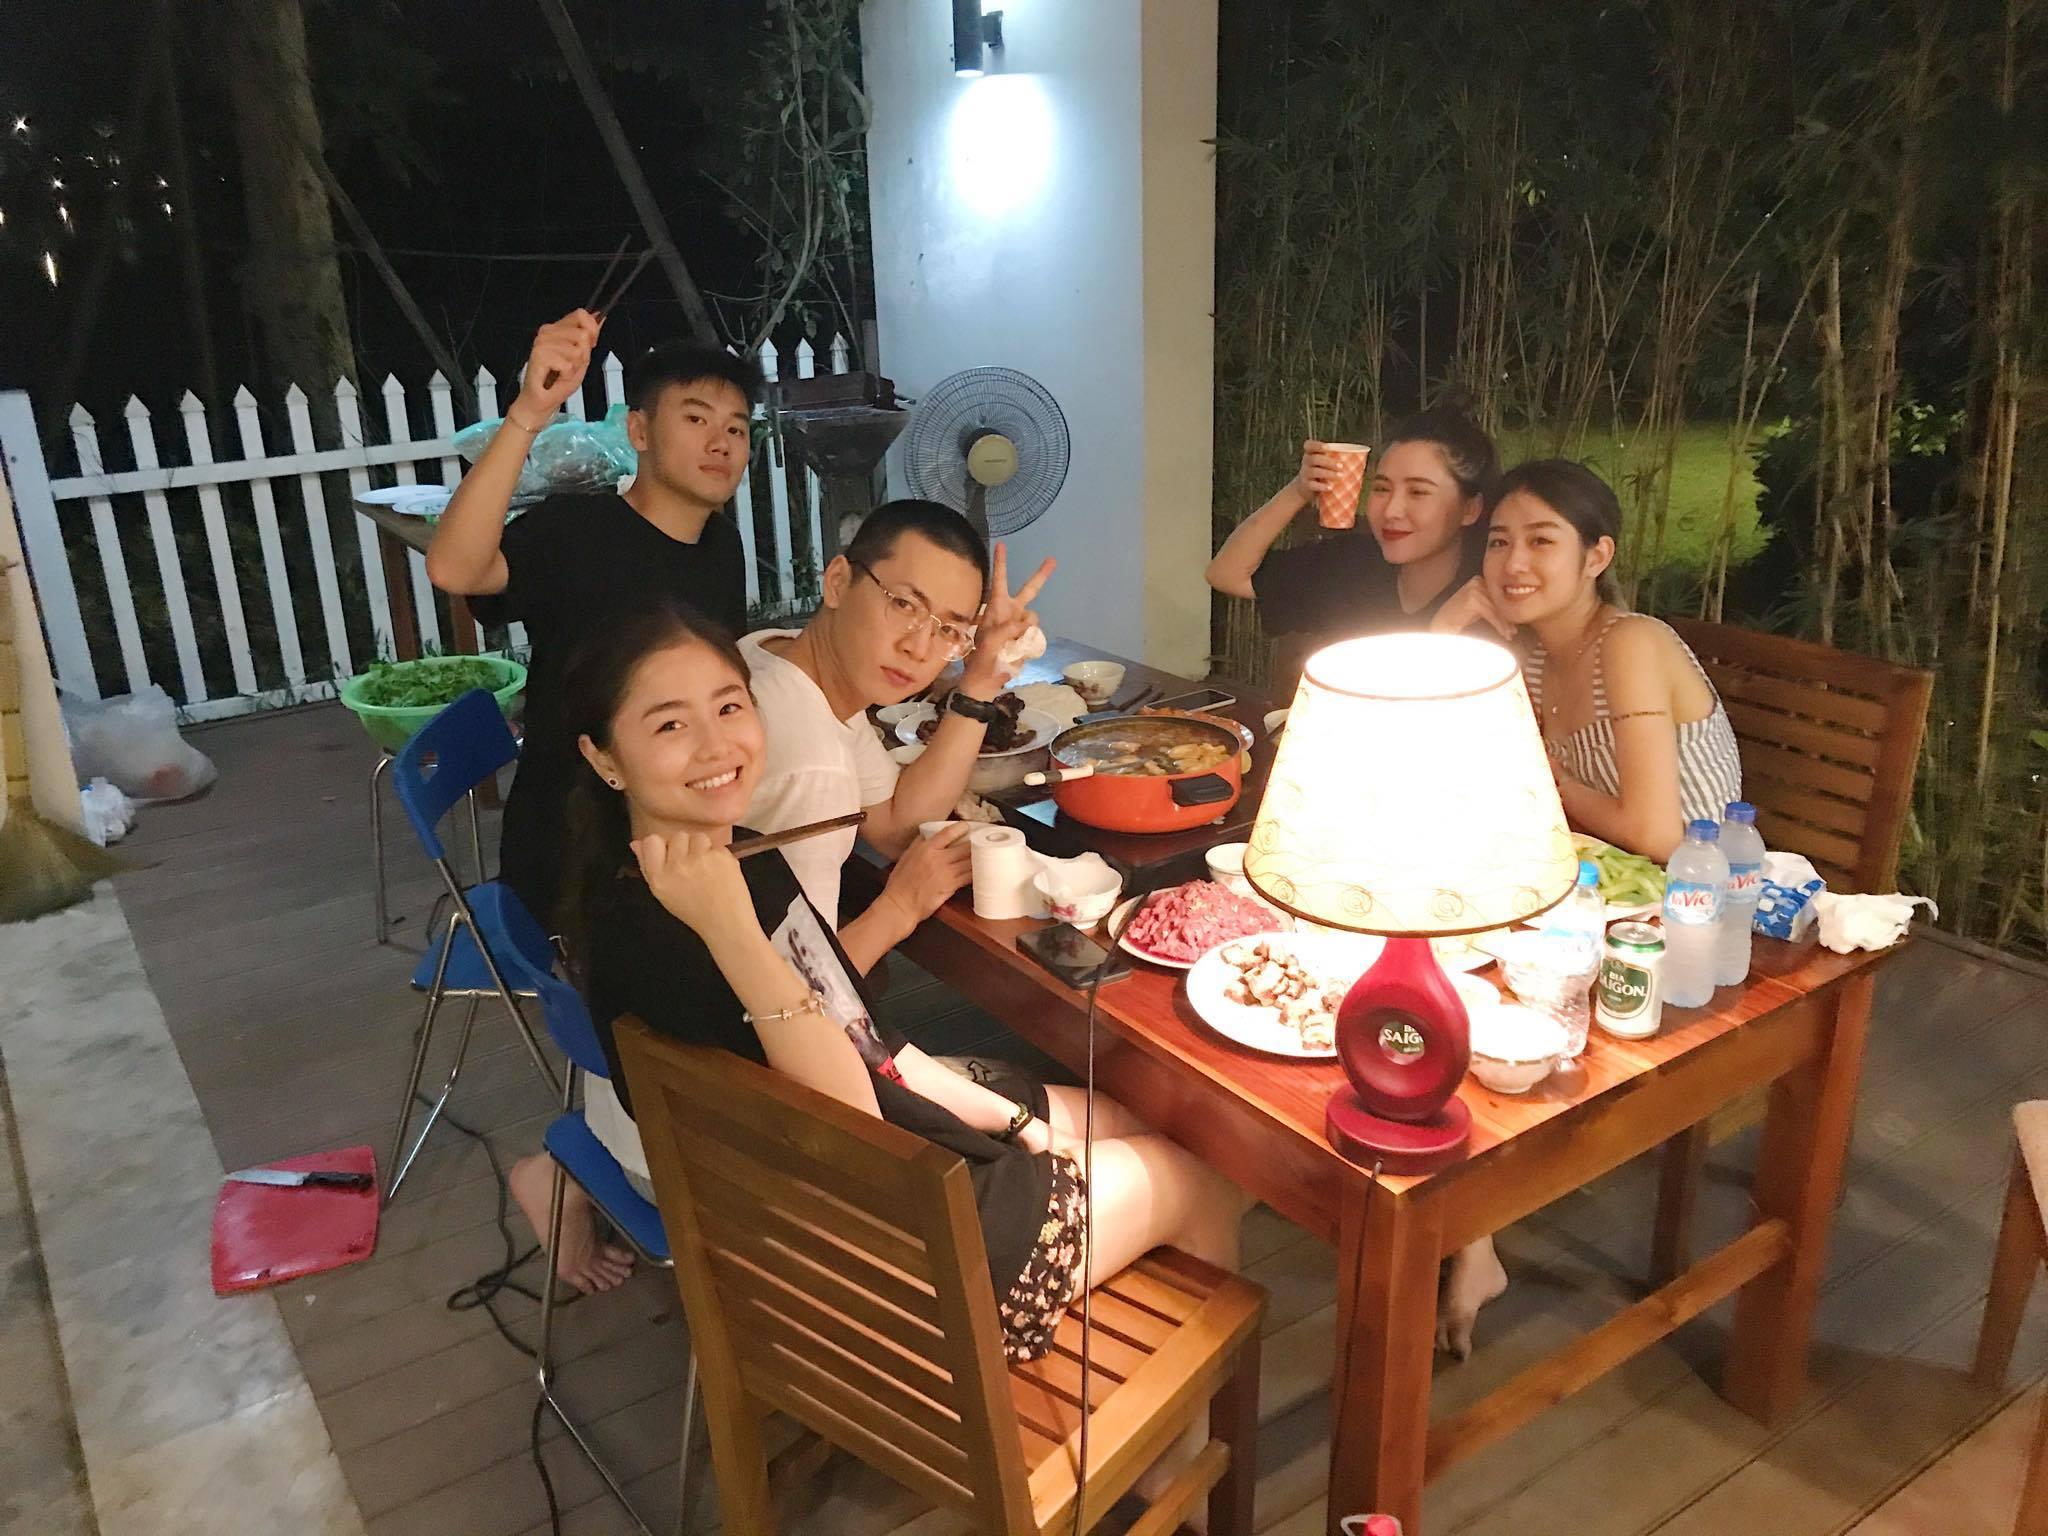 3 gia đình hot nhất MXH lại khoe ảnh cùng đi du lịch khiến dân mạng không like không được - Ảnh 9.